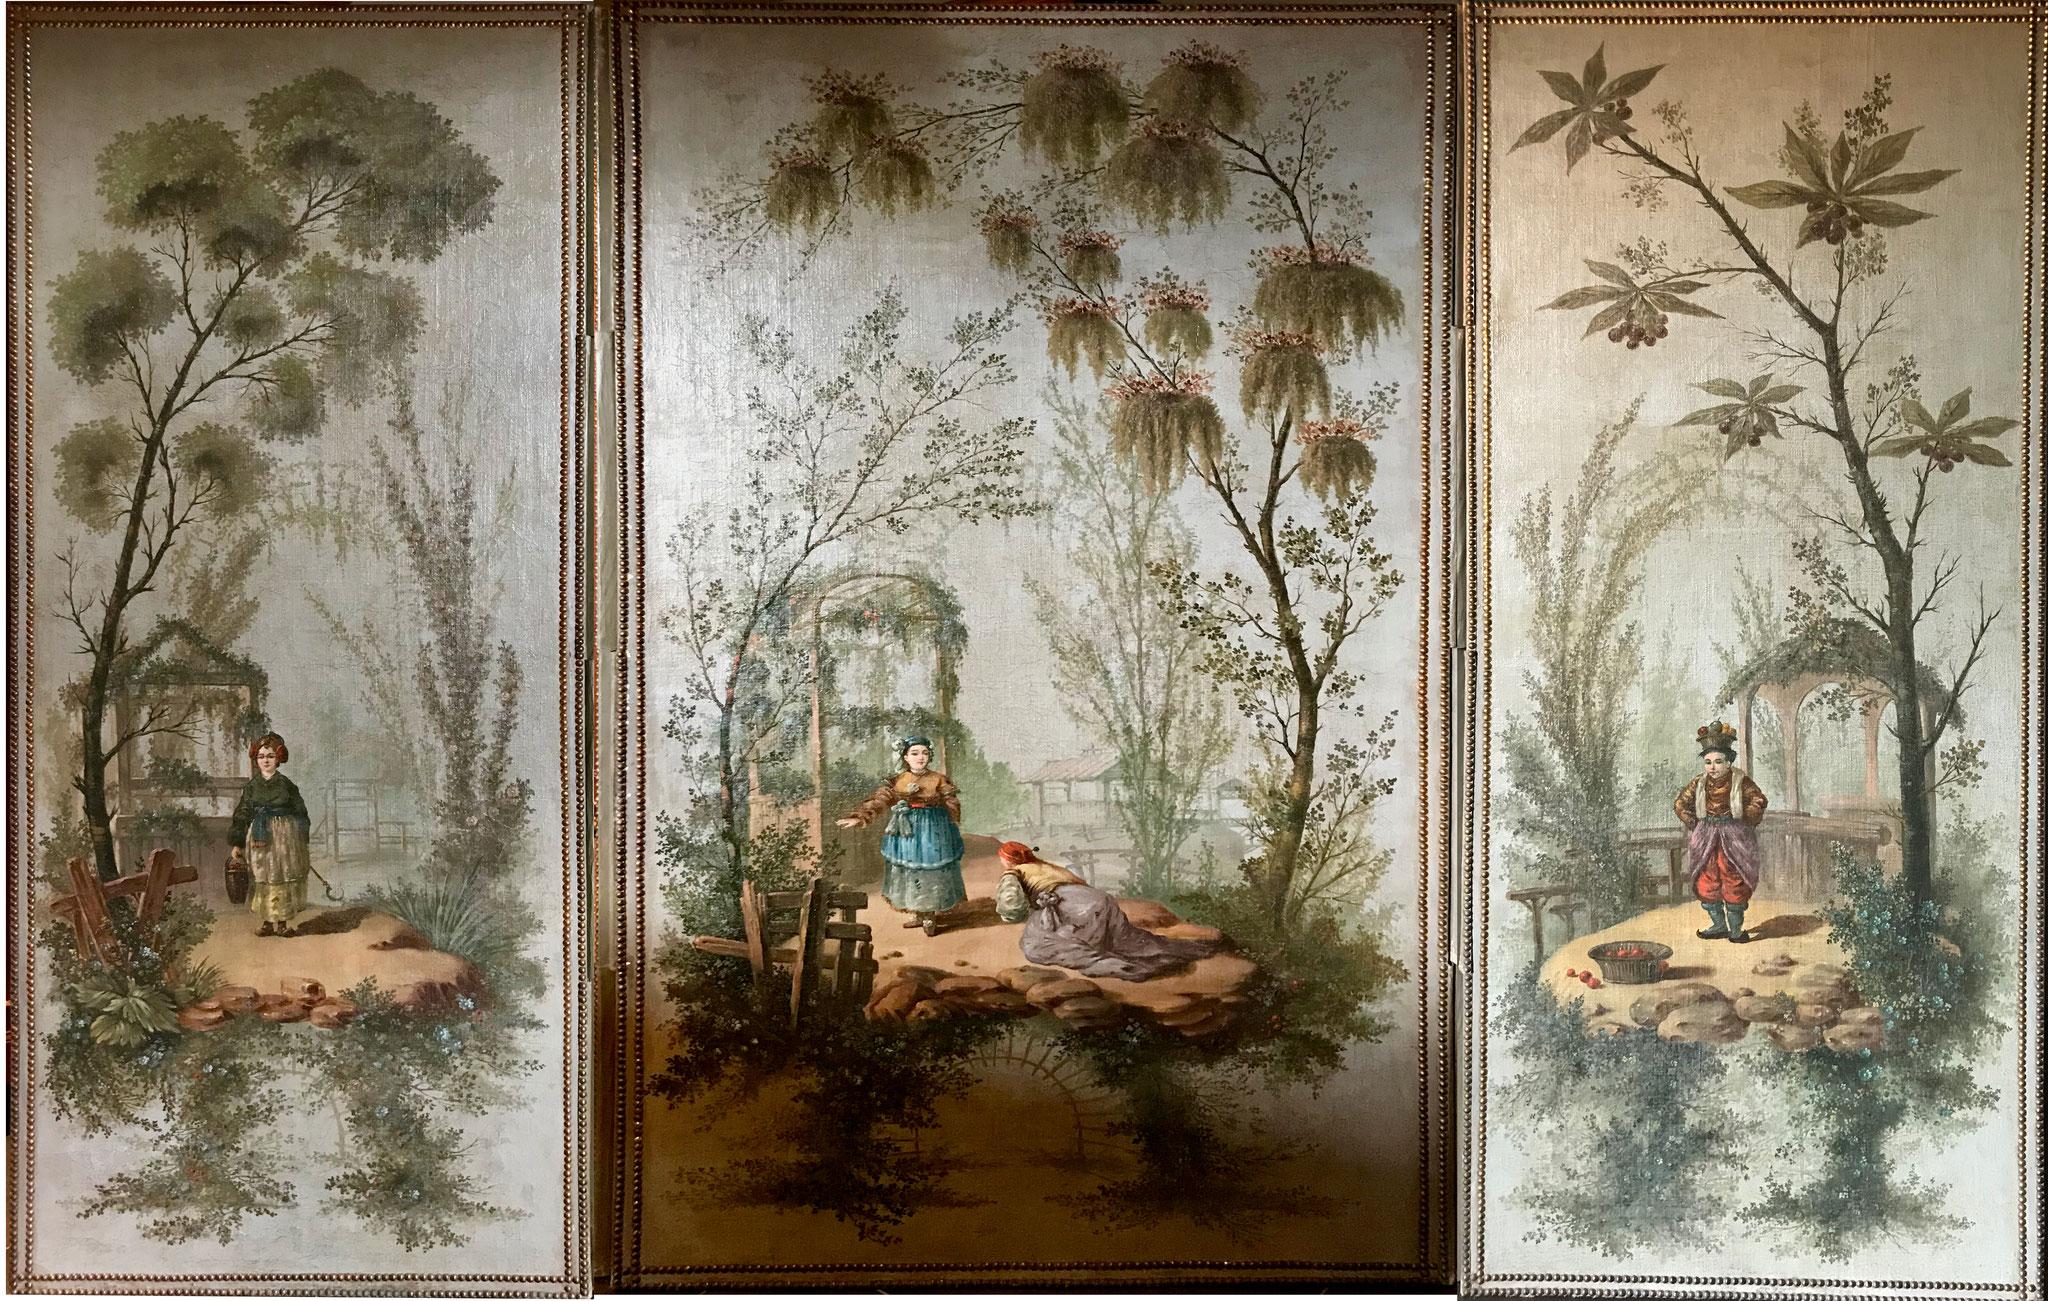 Paravent, Anonyme, XIXe siècle